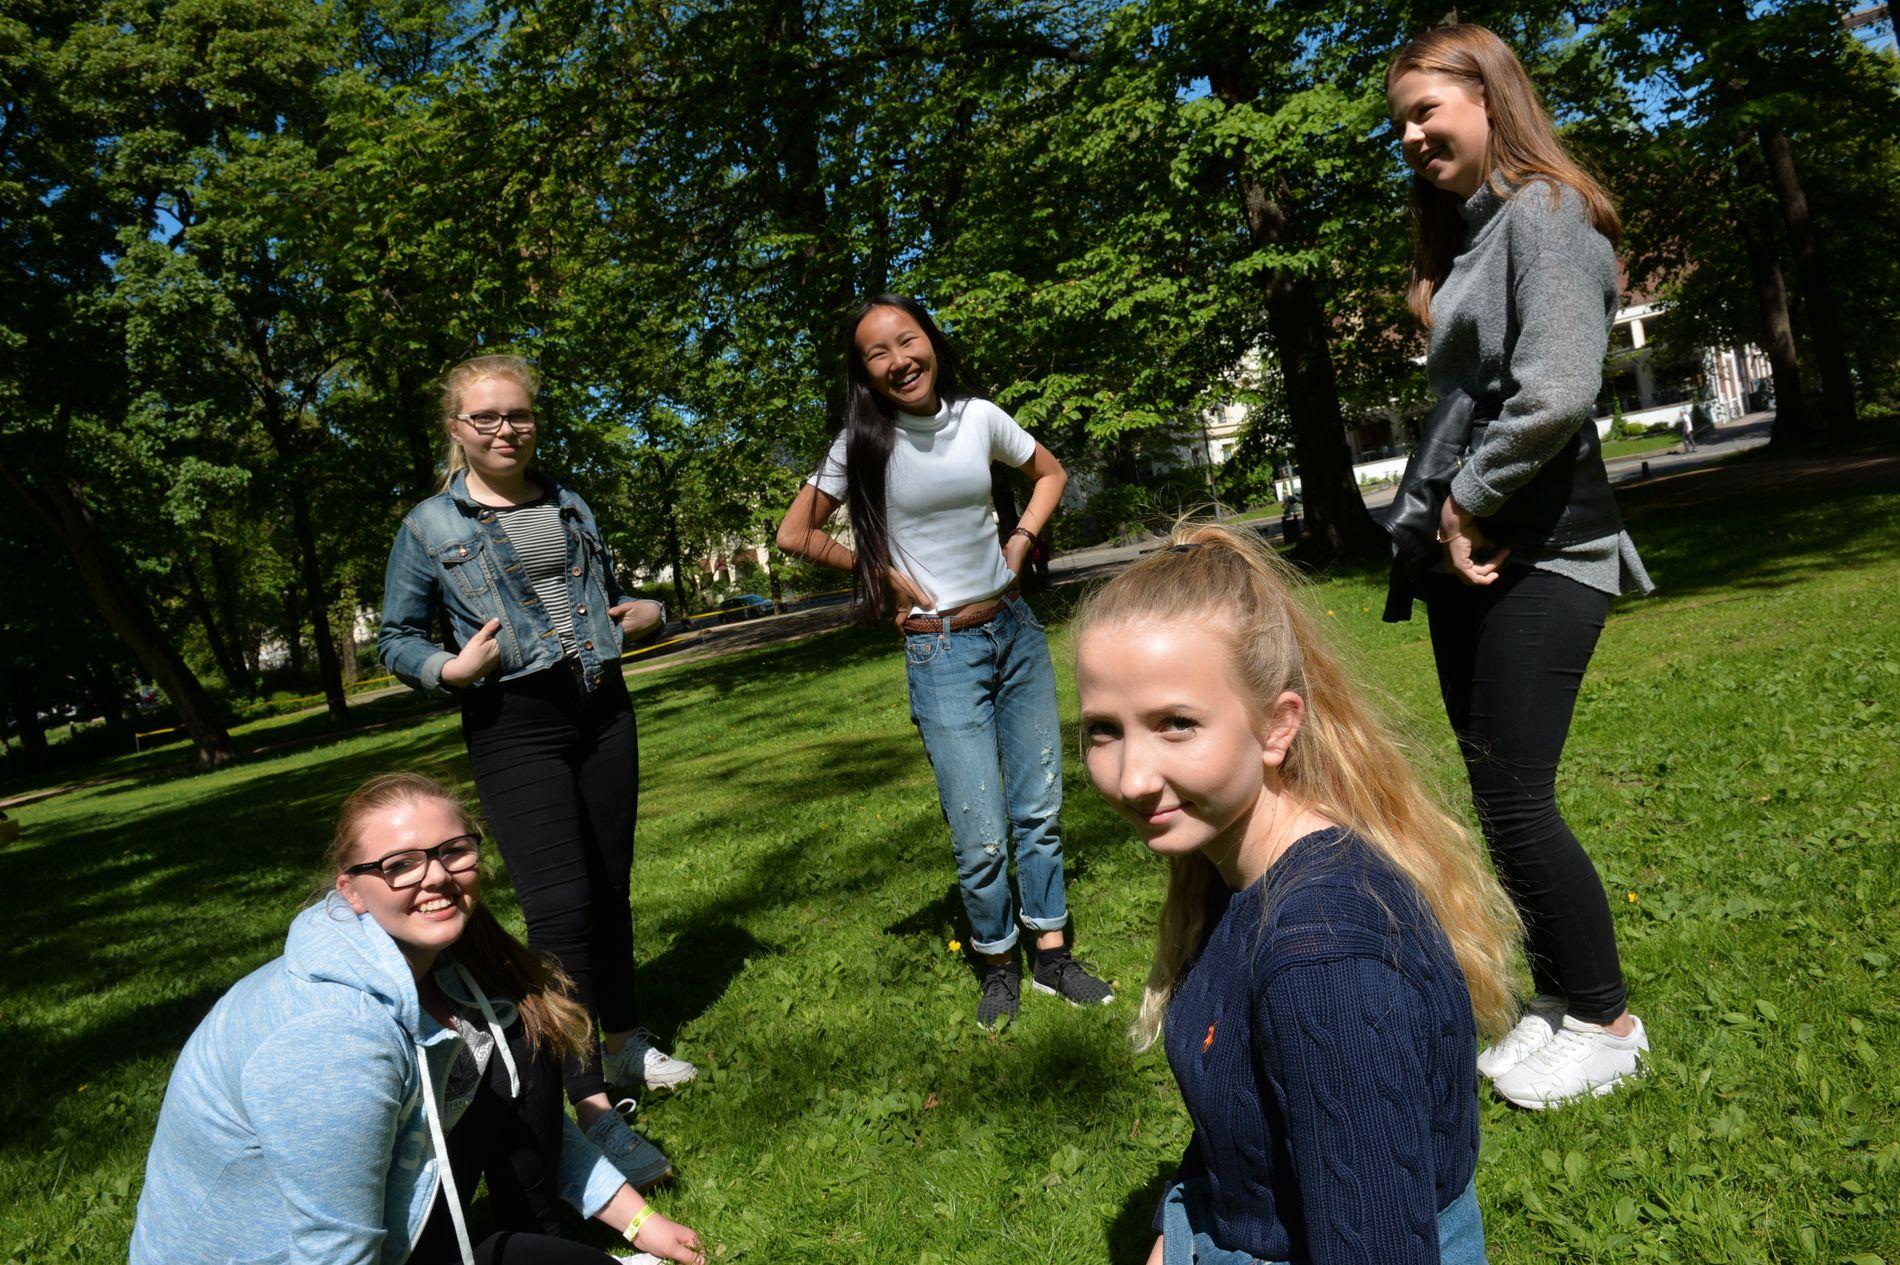 GANSKE VANLIG: Denne jentegjengen mener det slett ikke er uvanlig at man sender intime bilder av seg selv. Fra venstre: Martine Holme (15), Tuva Ahlsen (14), Jenny Hartviksen (14), Marte Hodt (14) og Rebekka Hvale (15).